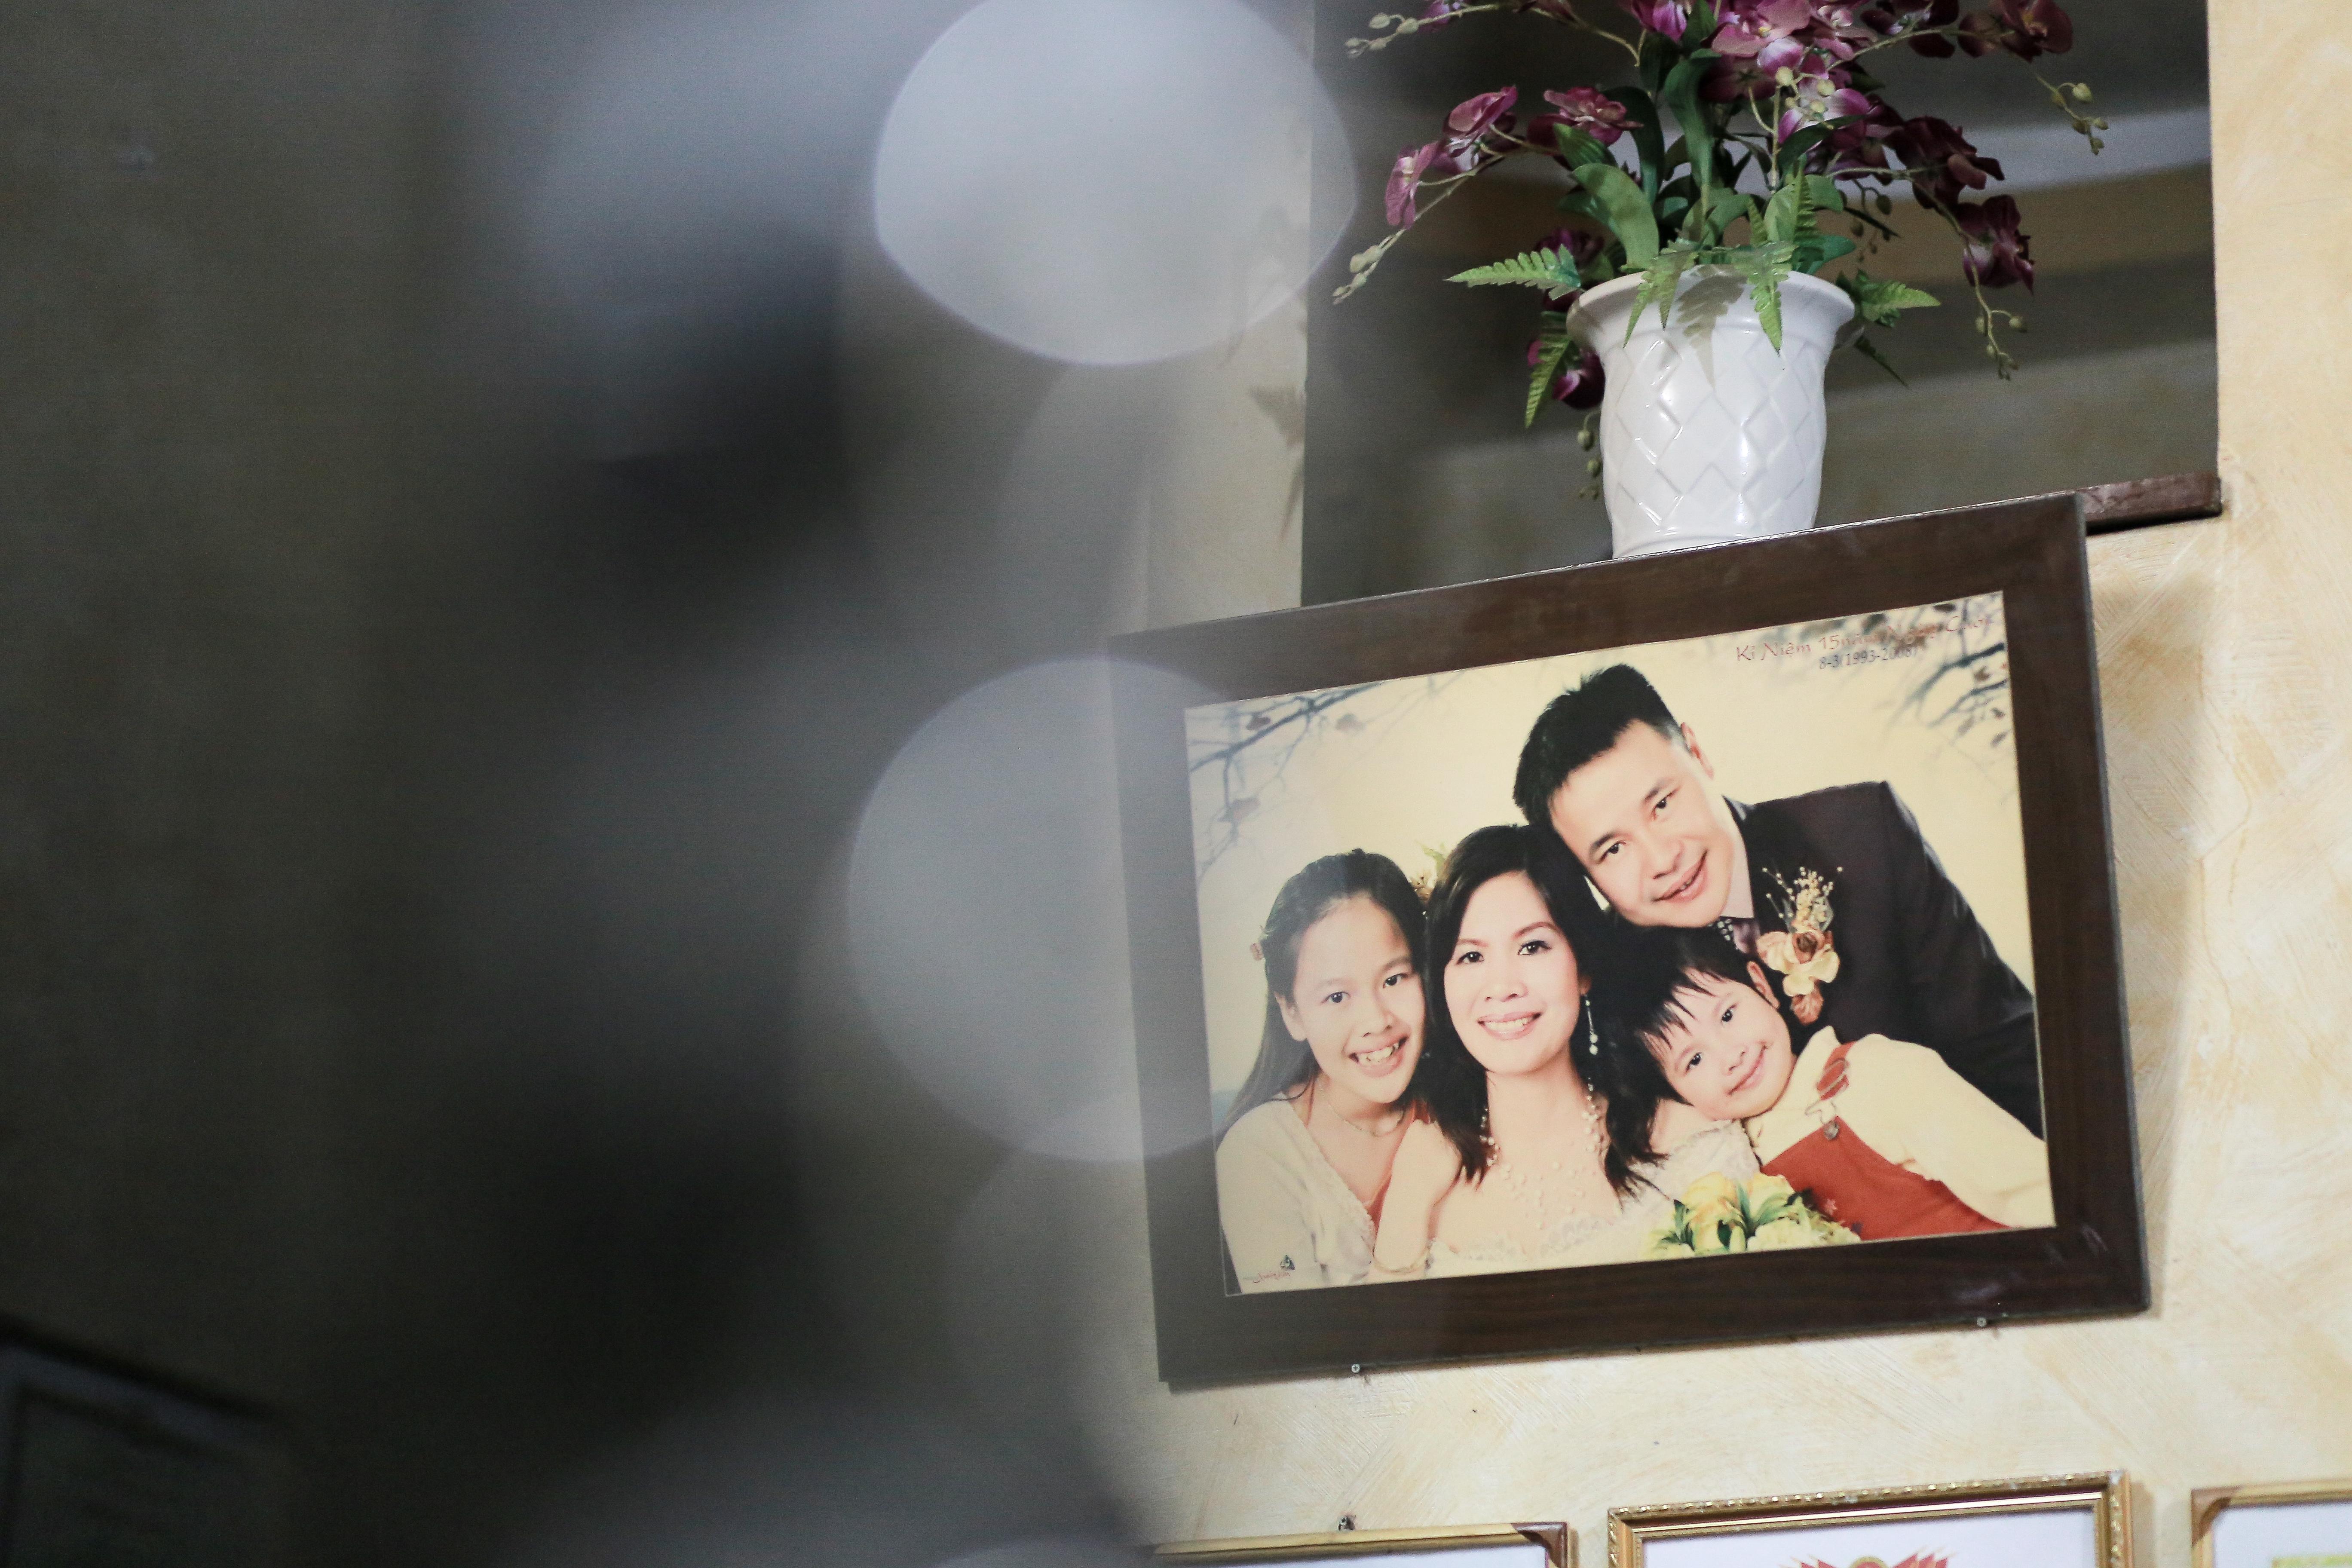 Gặp gỡ nữ MC khiếm thị đầu tiên của show truyền hình thực tế trên sóng VTV - Ảnh 8.